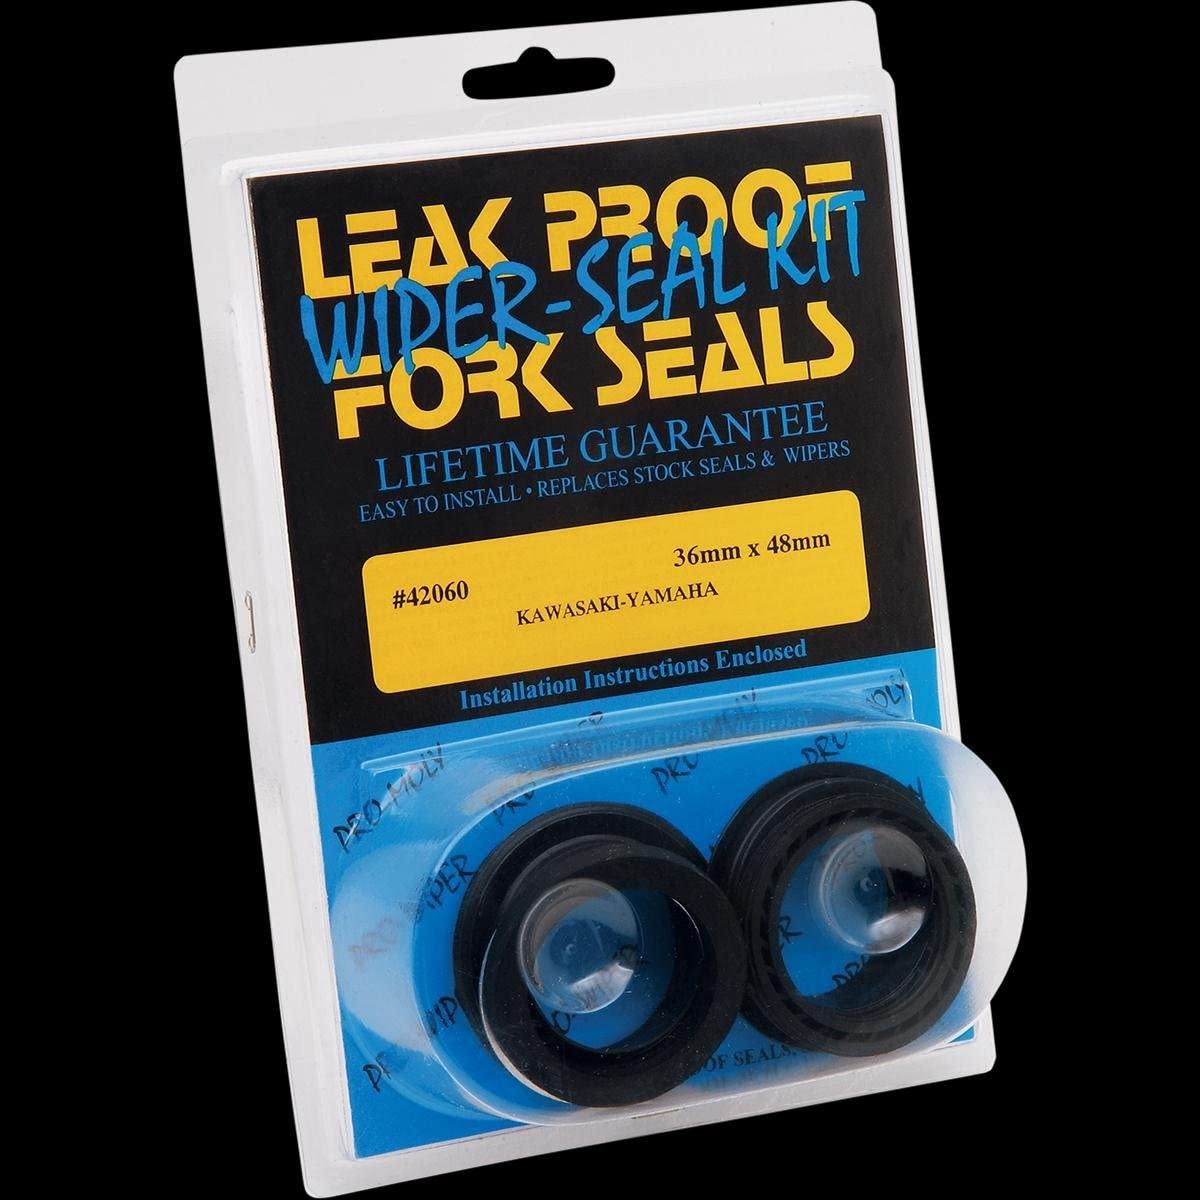 Leak Proof Seals Pro-Moly Fork Seals/Wiper Seals